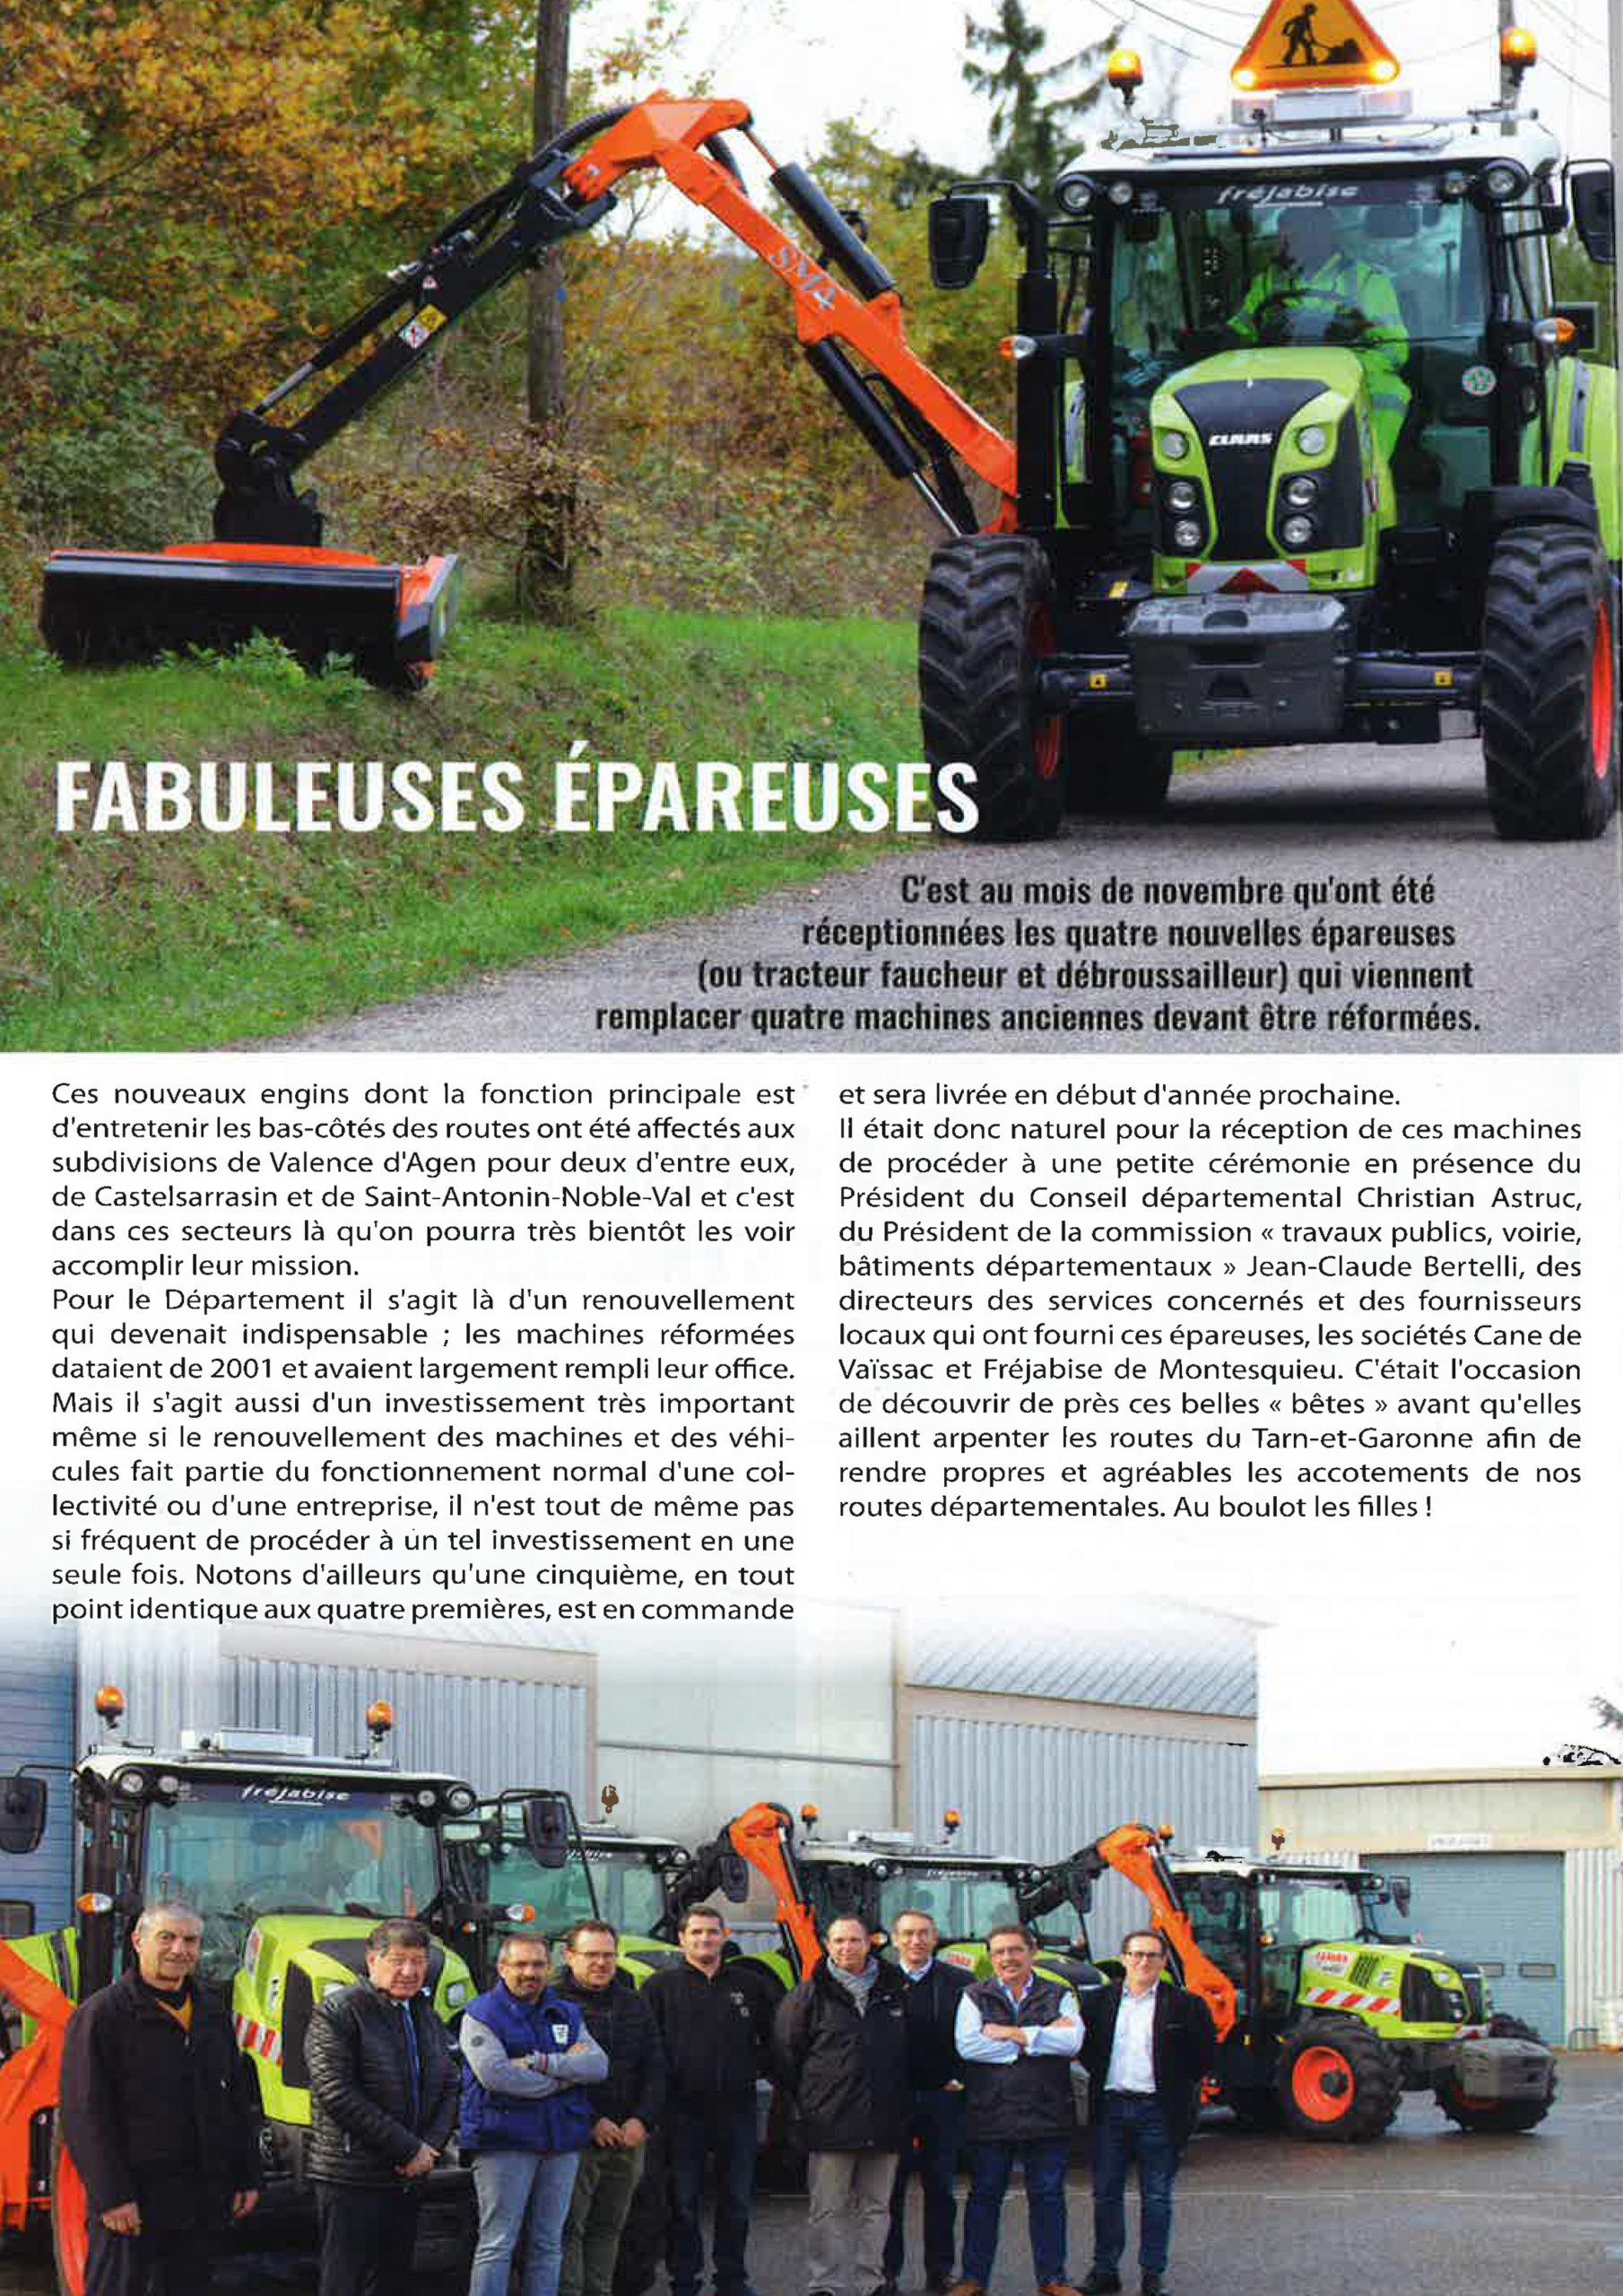 Le Conseil Départemental du Tarn et Garonne parle des épareuses SMA